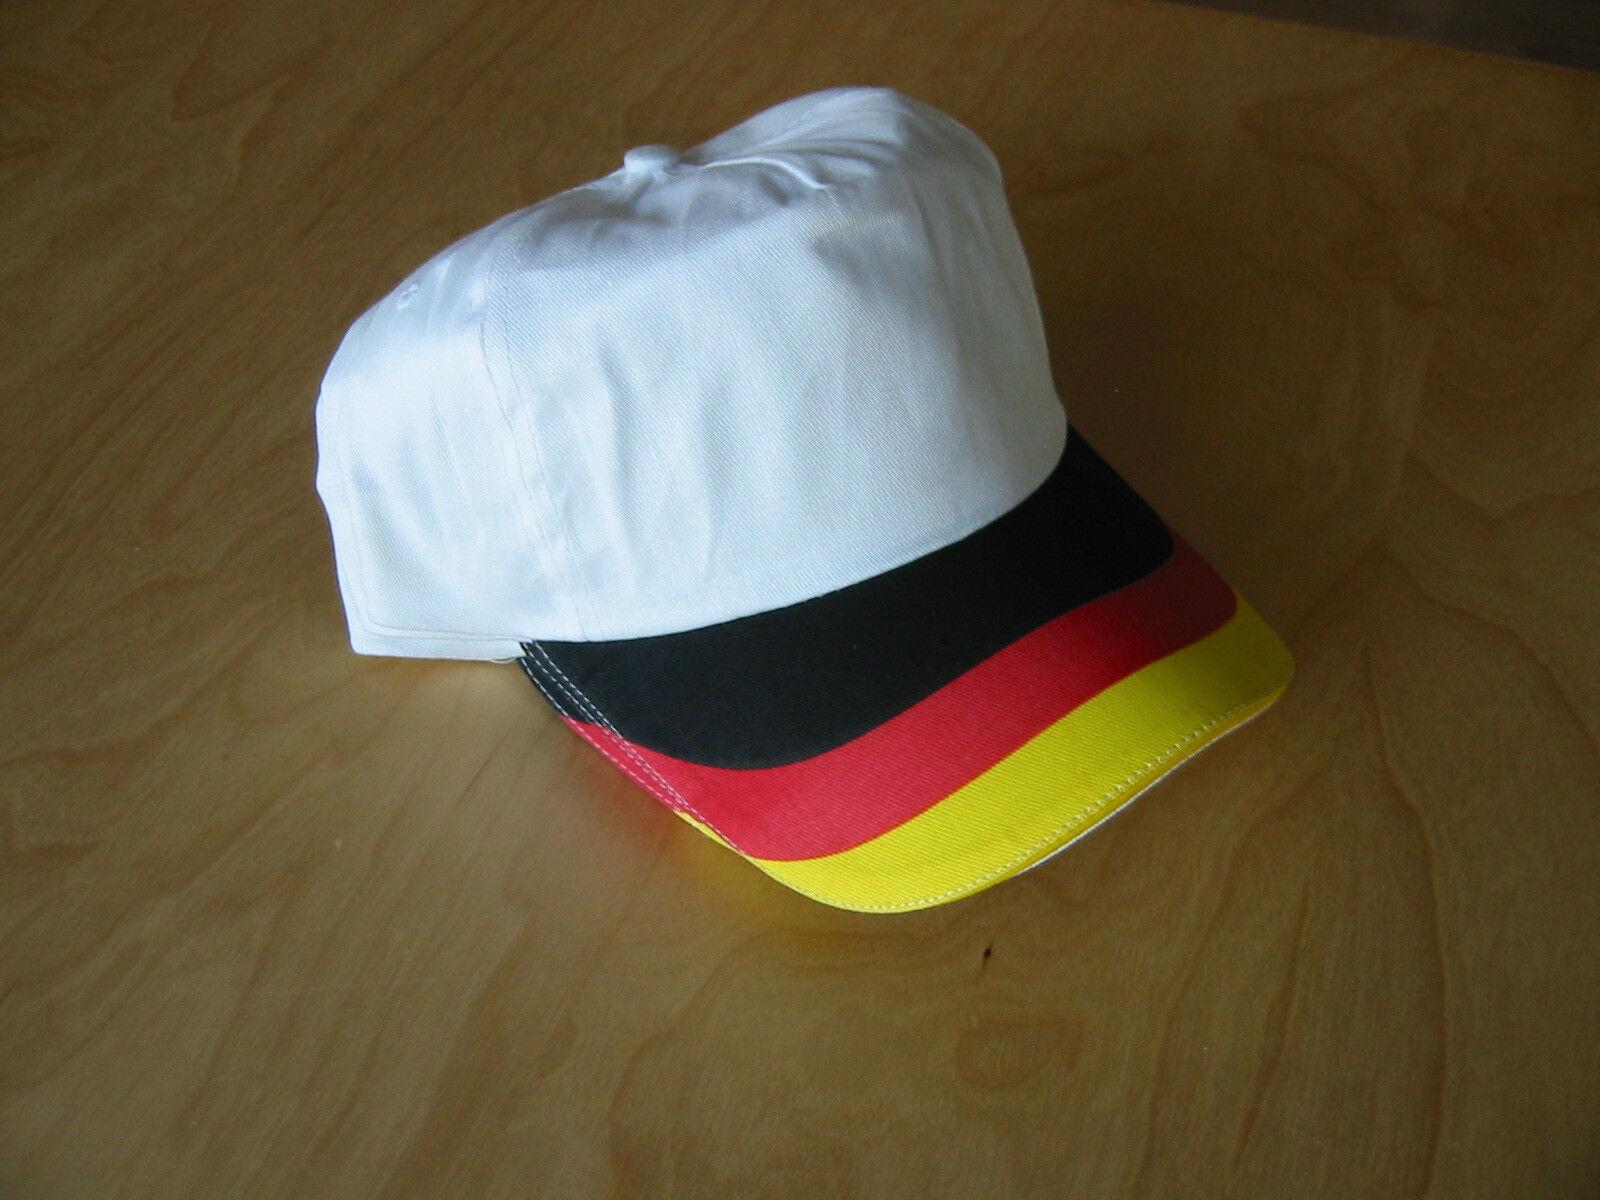 3x Deutschland Flagge Cap Mütze Kappy Hat NEU Baseballcap Germany Cappy